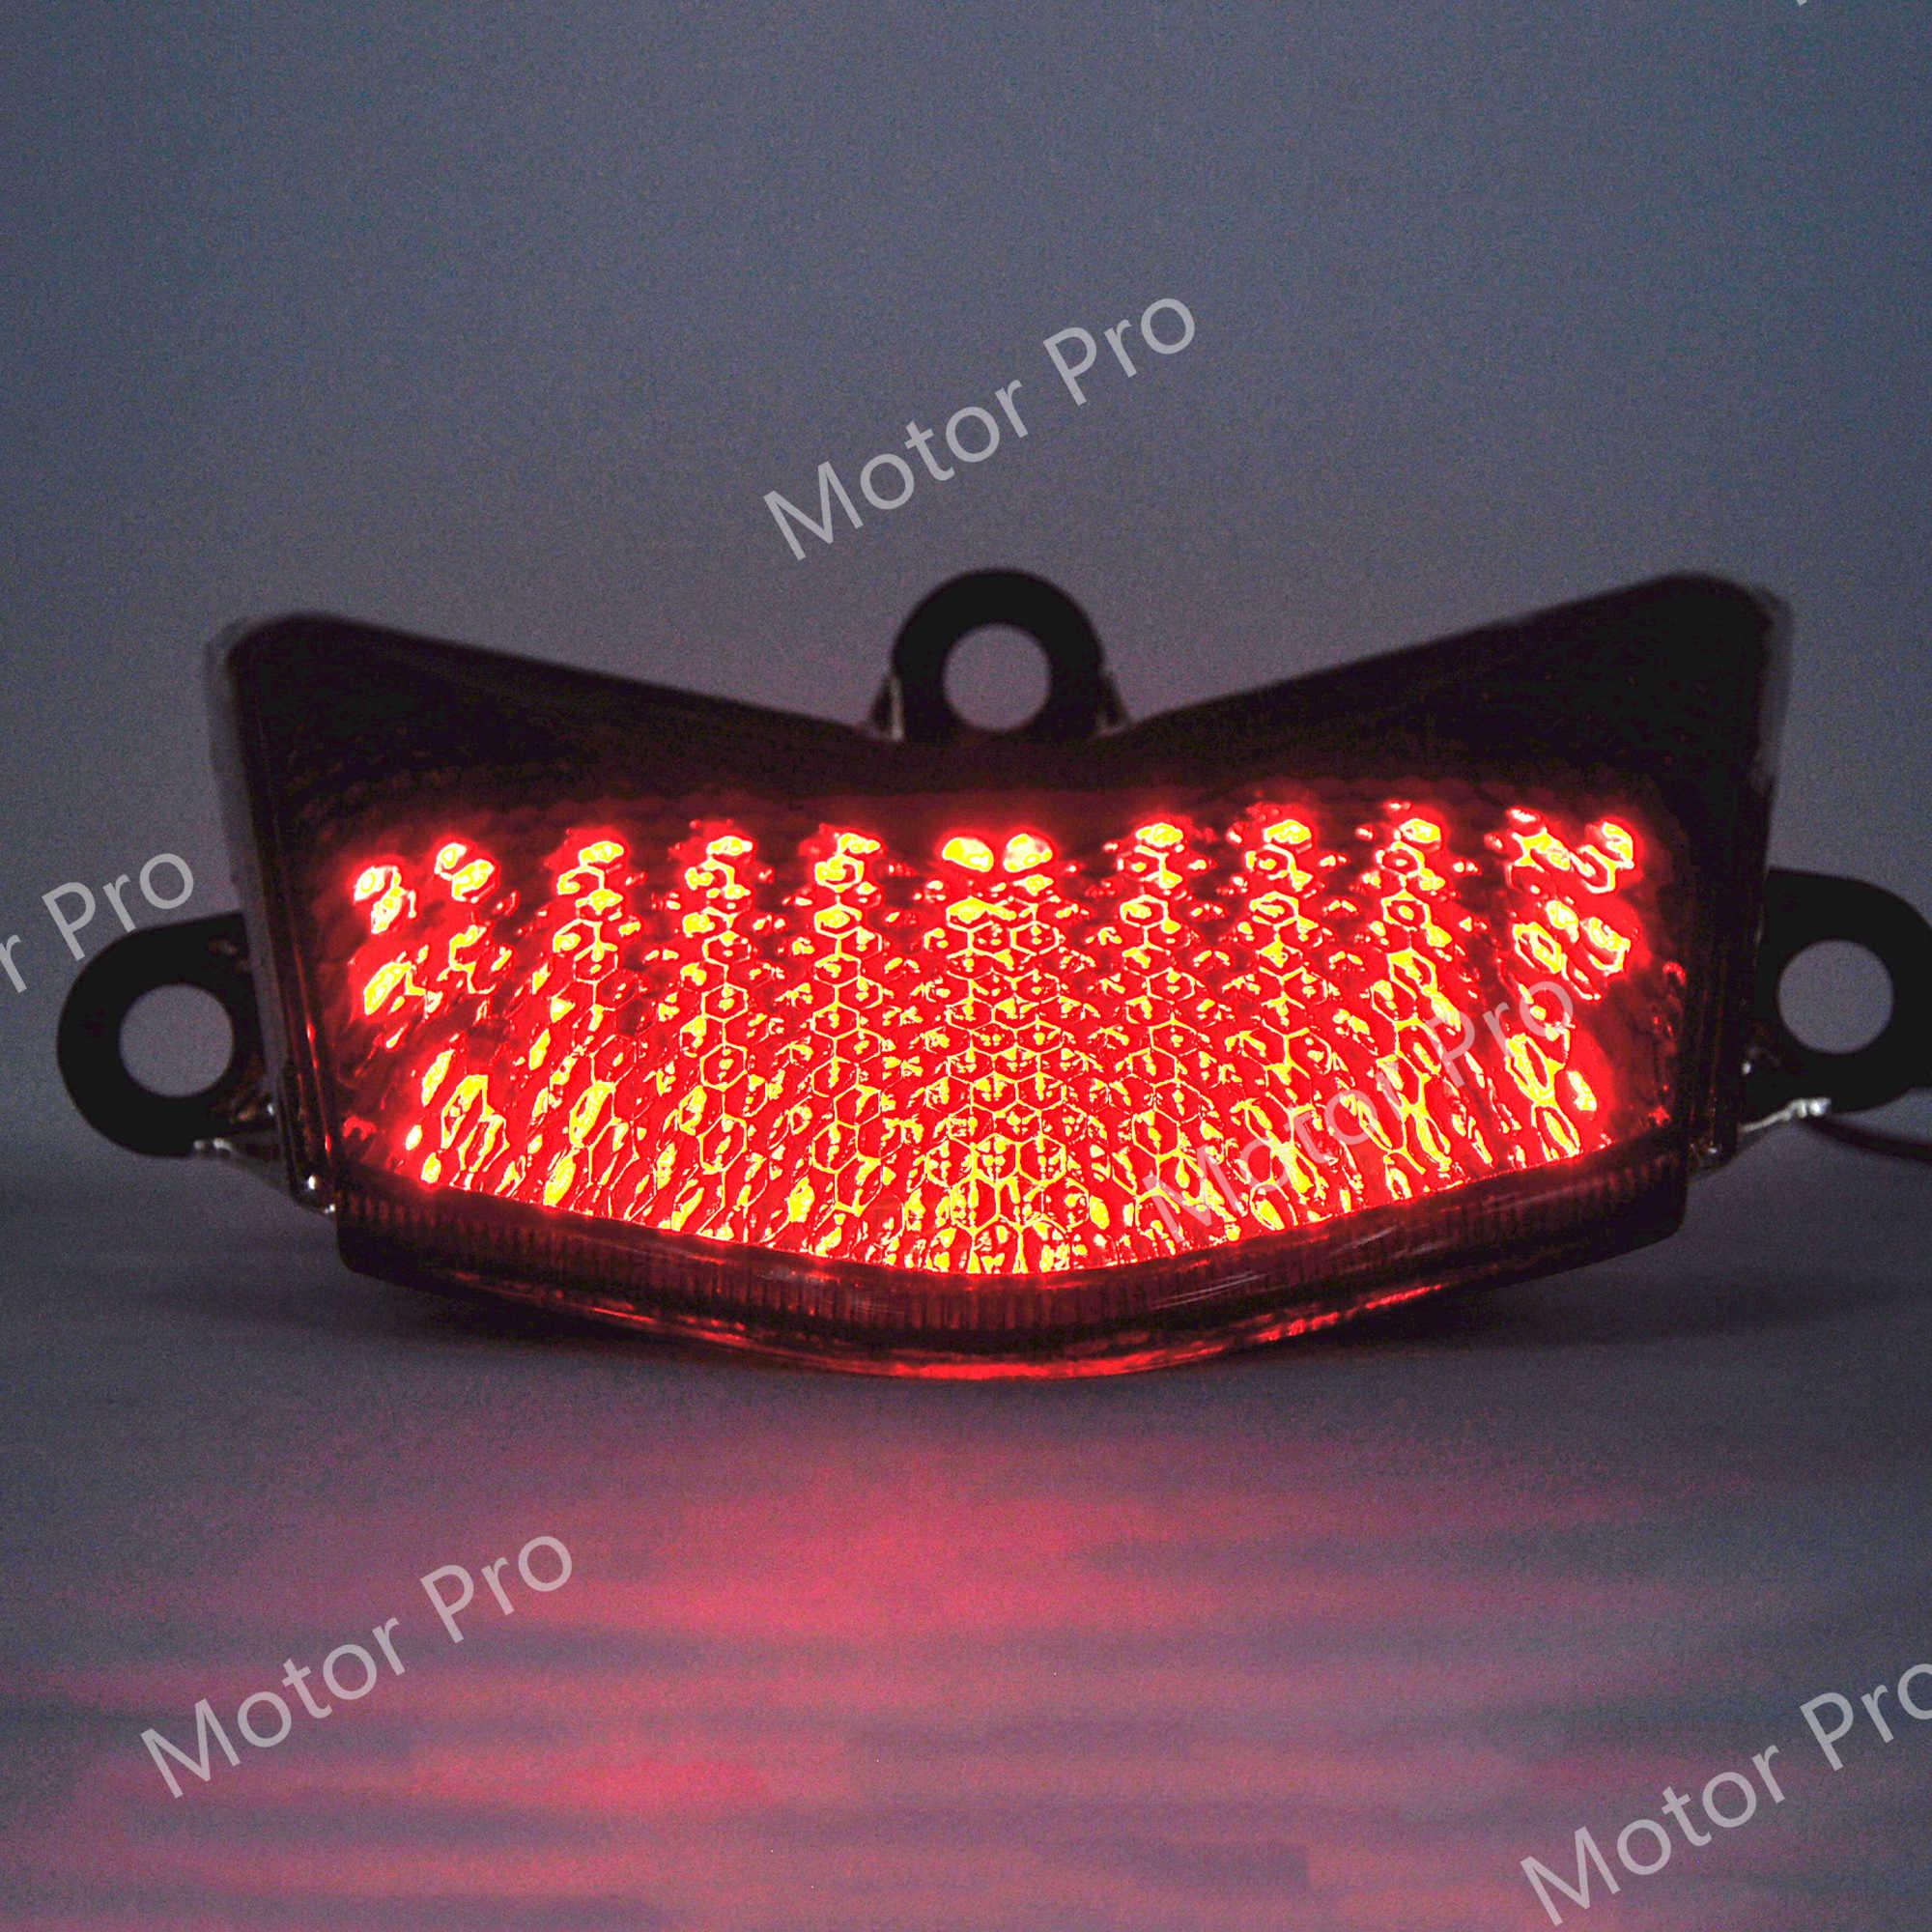 LED Tail Brake Light Turn Signals for 2004 2005 Kawasaki ZX1000 Ninja ZX10R ZX10